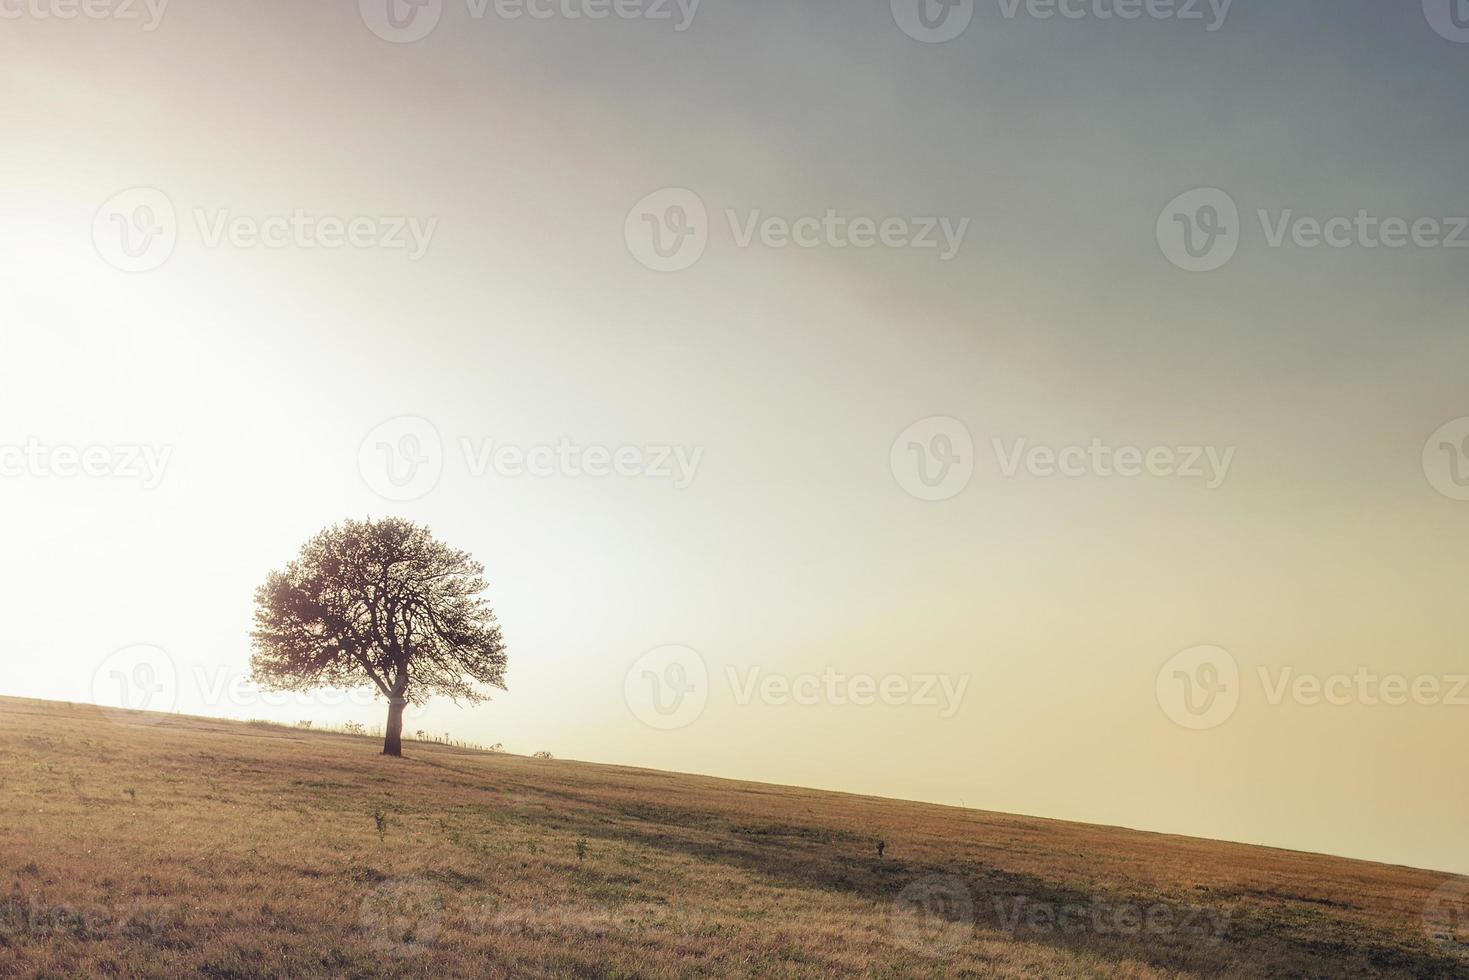 seul arbre sur le pré. seul arbre capturé sur le pré à mountain rajac, serbie. photo